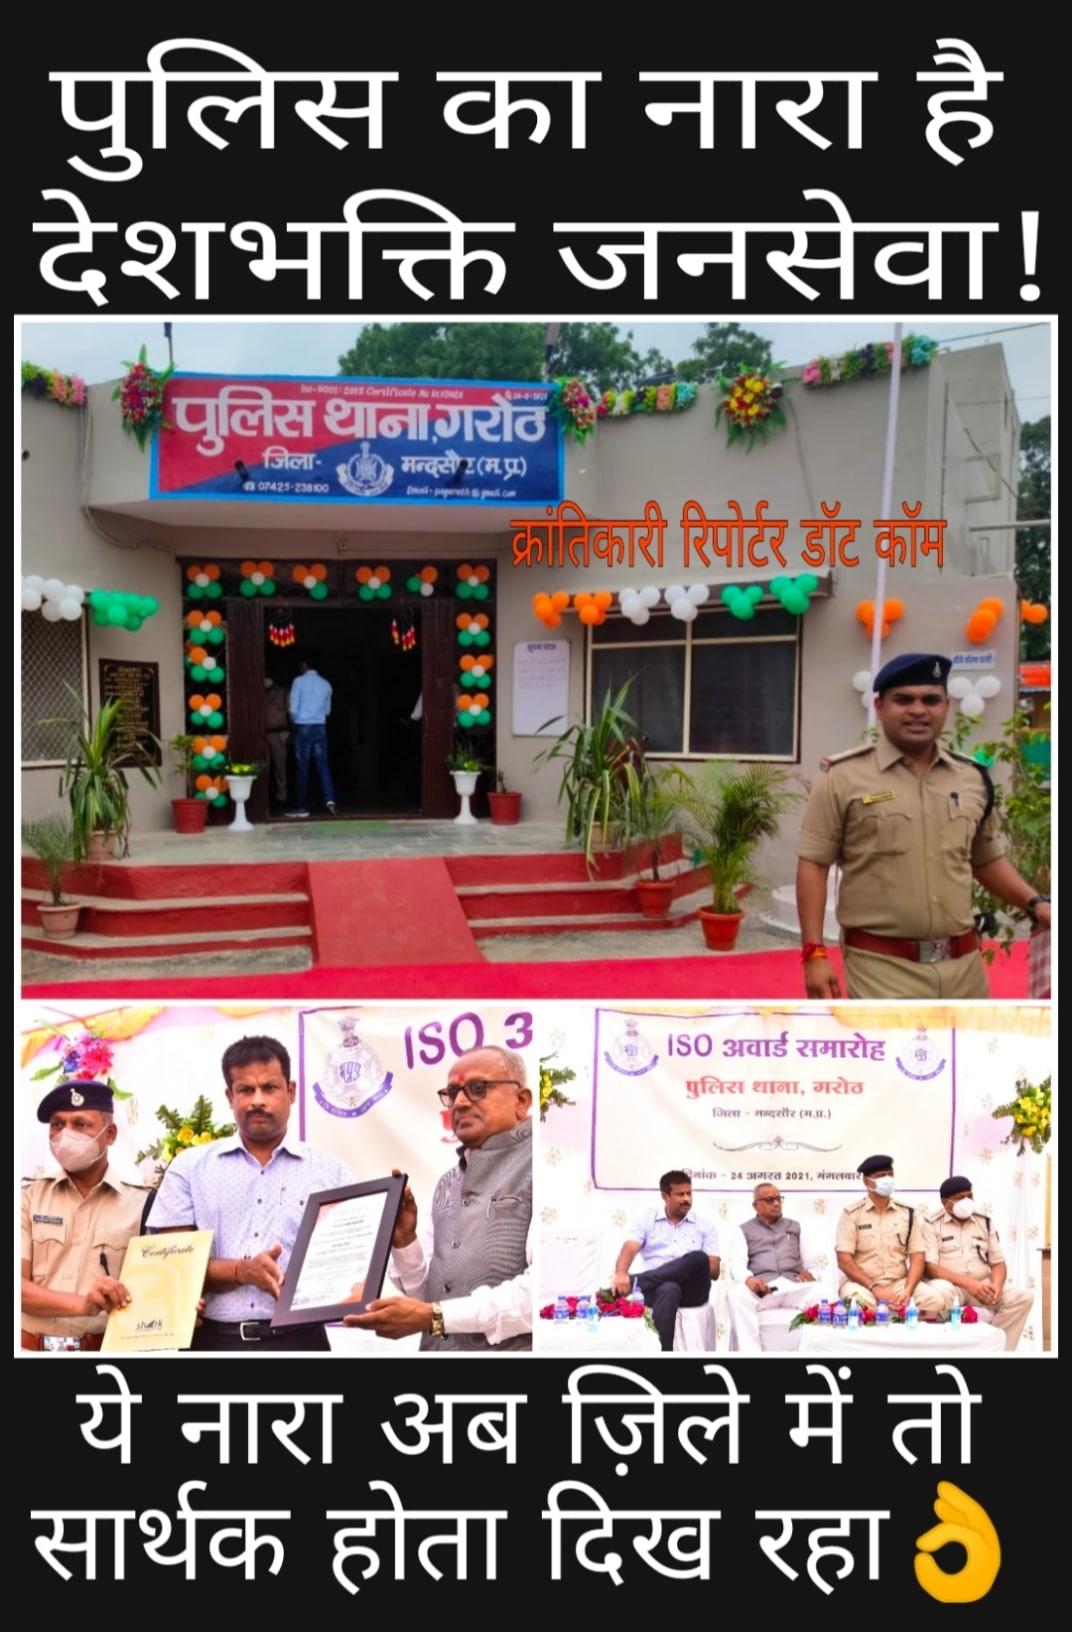 #मंदसौर जिले का गरोठ थाना ISO प्रमाणित हुआ... SP चौधरी सा. से लेकर थाना प्रभारी मालवीय तक ने काम अच्छा किया...।